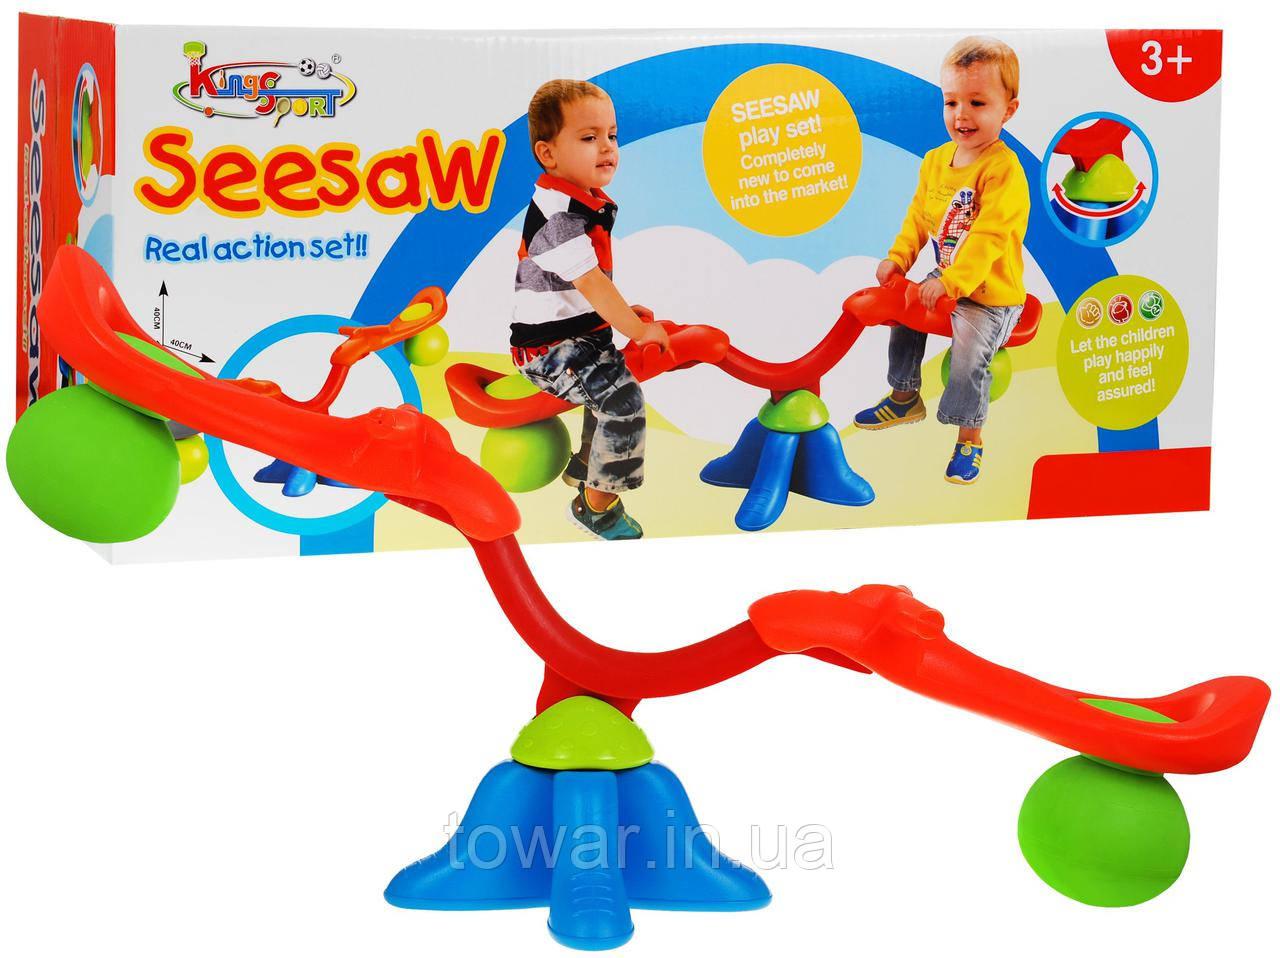 Детская качеля для двоих для сада и дома Seesaw Польша, фото 1